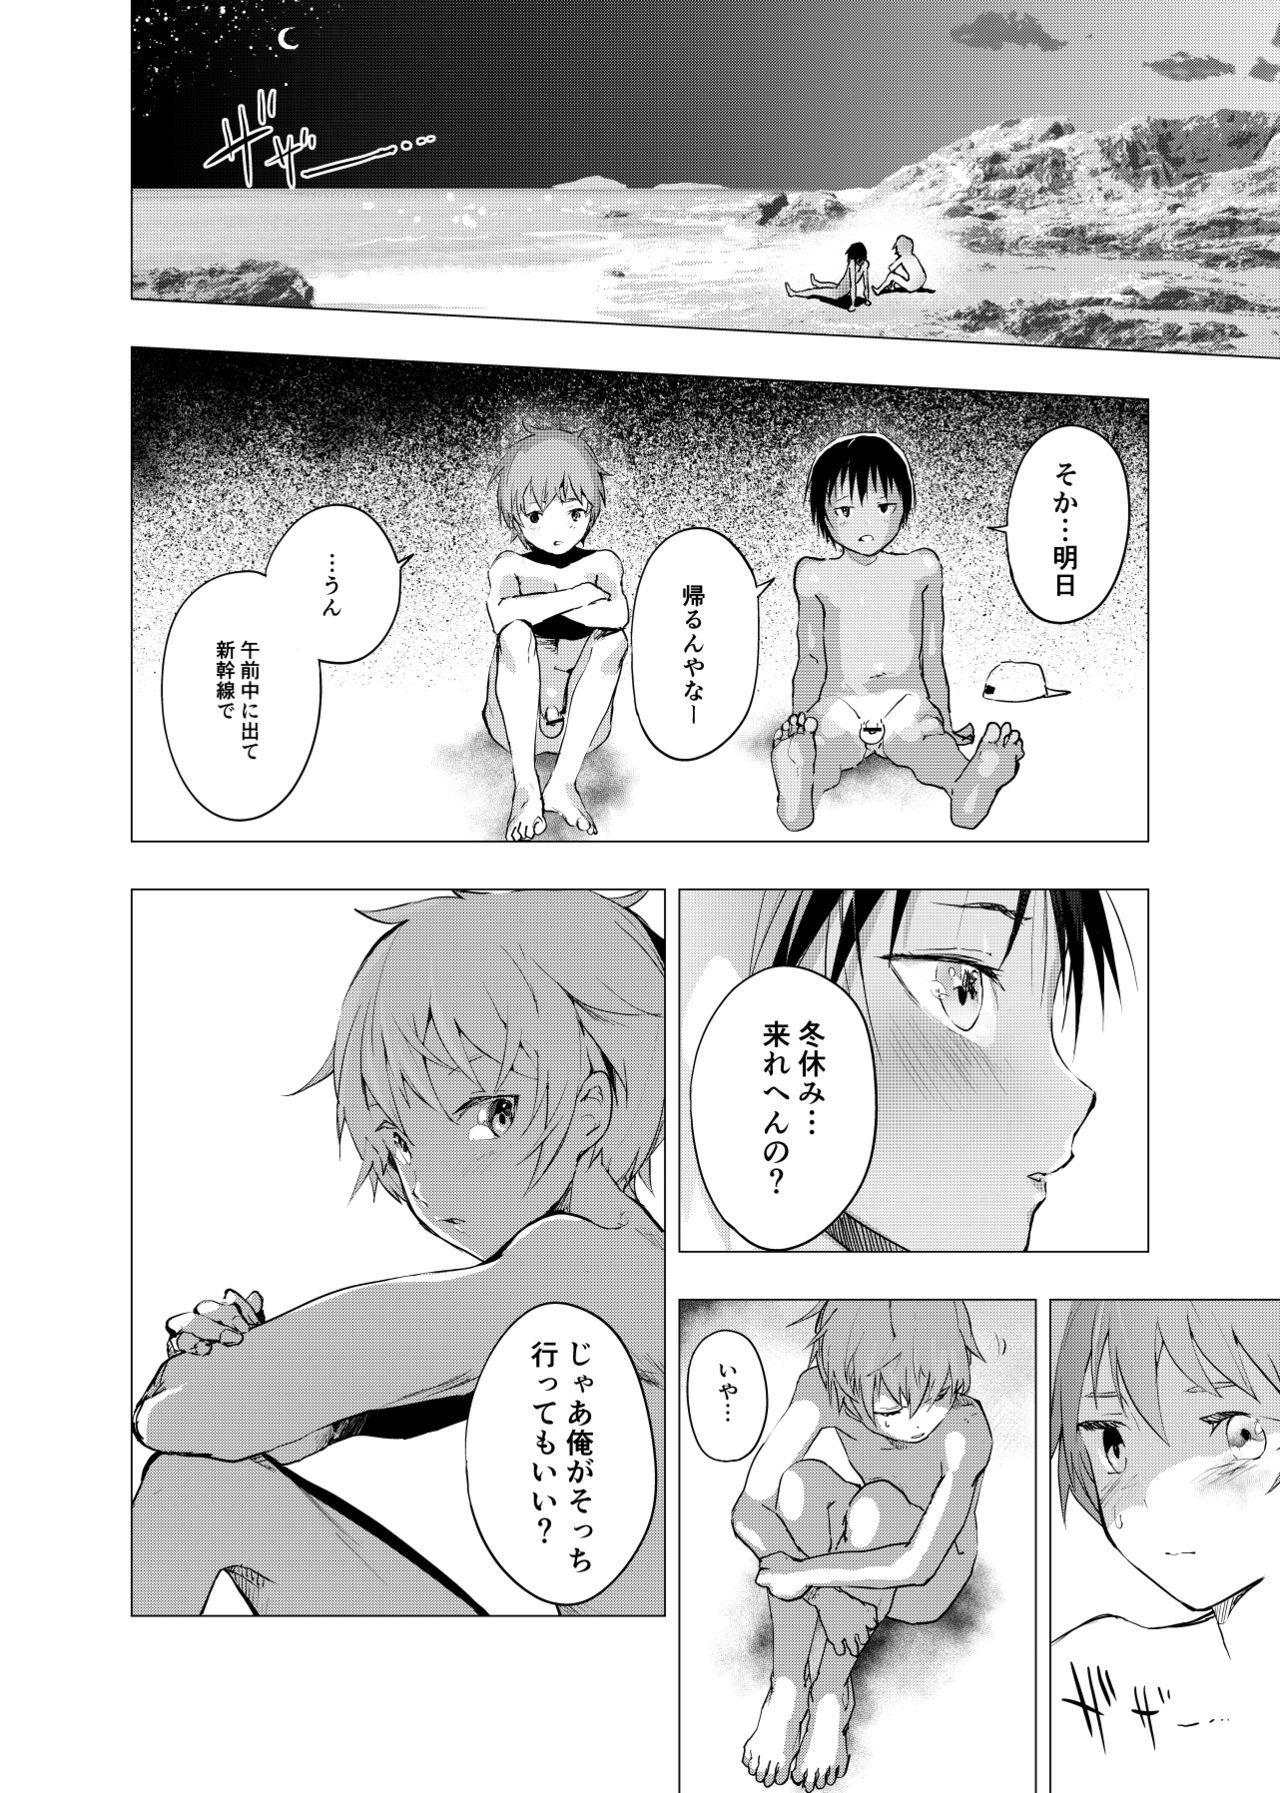 Inaka no Uke Shounen to Tokai no Seme Shounen no Ero Manga 1-6 22